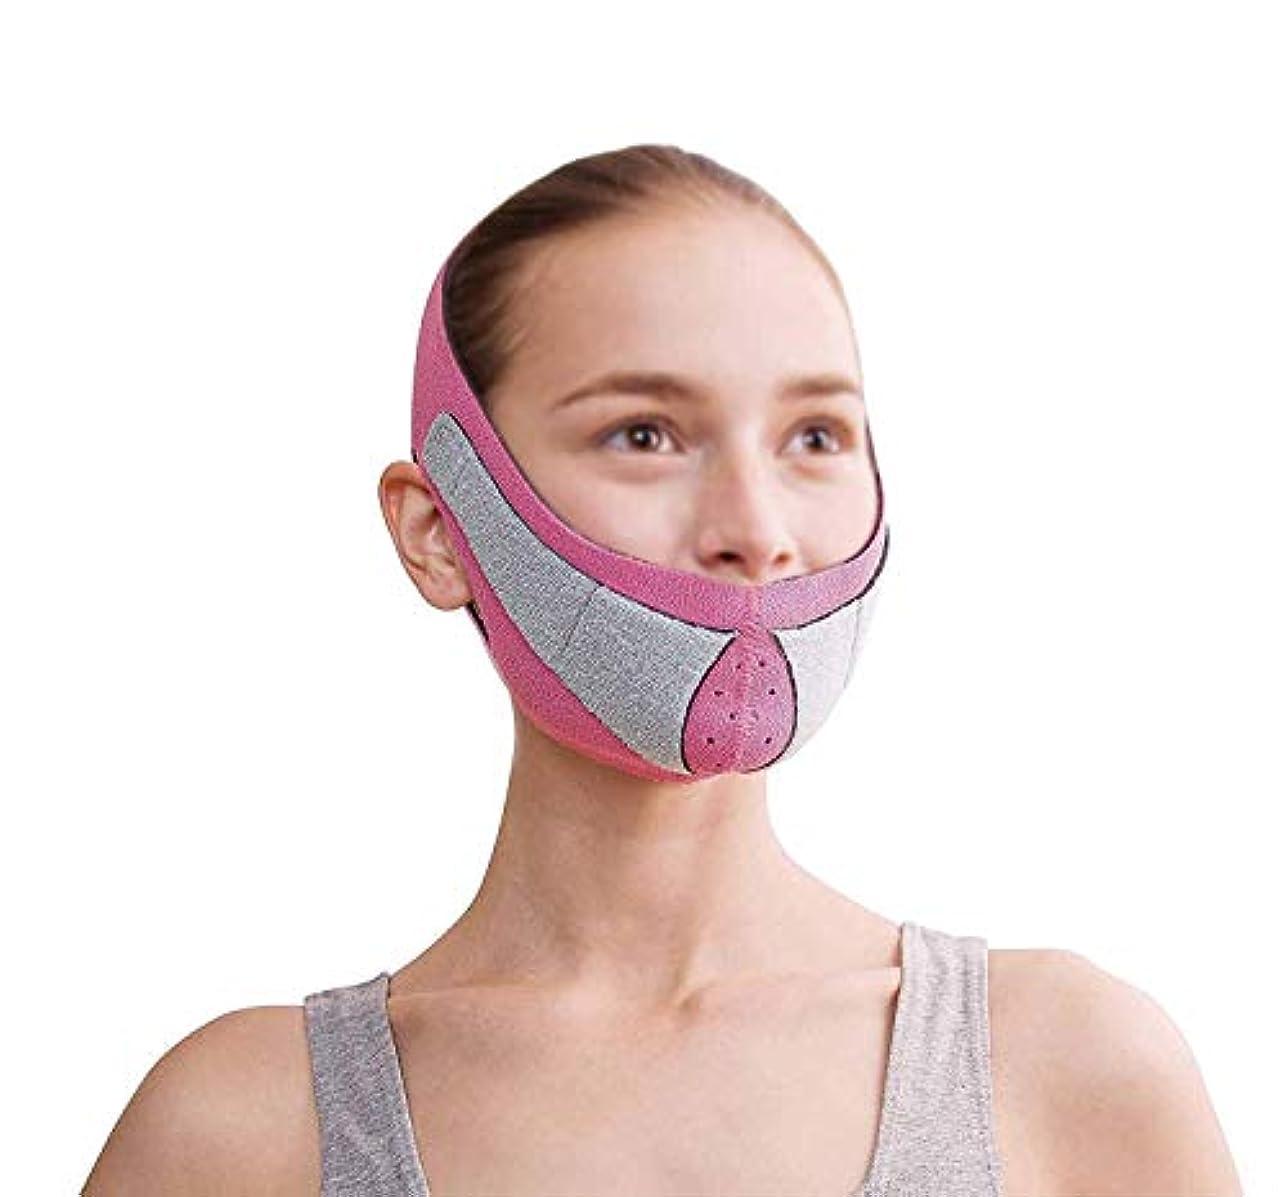 対抗ローン想起フェイスリフトマスク、顔のMaskplus薄いフェイスマスクタイトなたるみの薄いフェイスマスク顔の薄いフェイスマスクアーティファクトネックストラップ付き